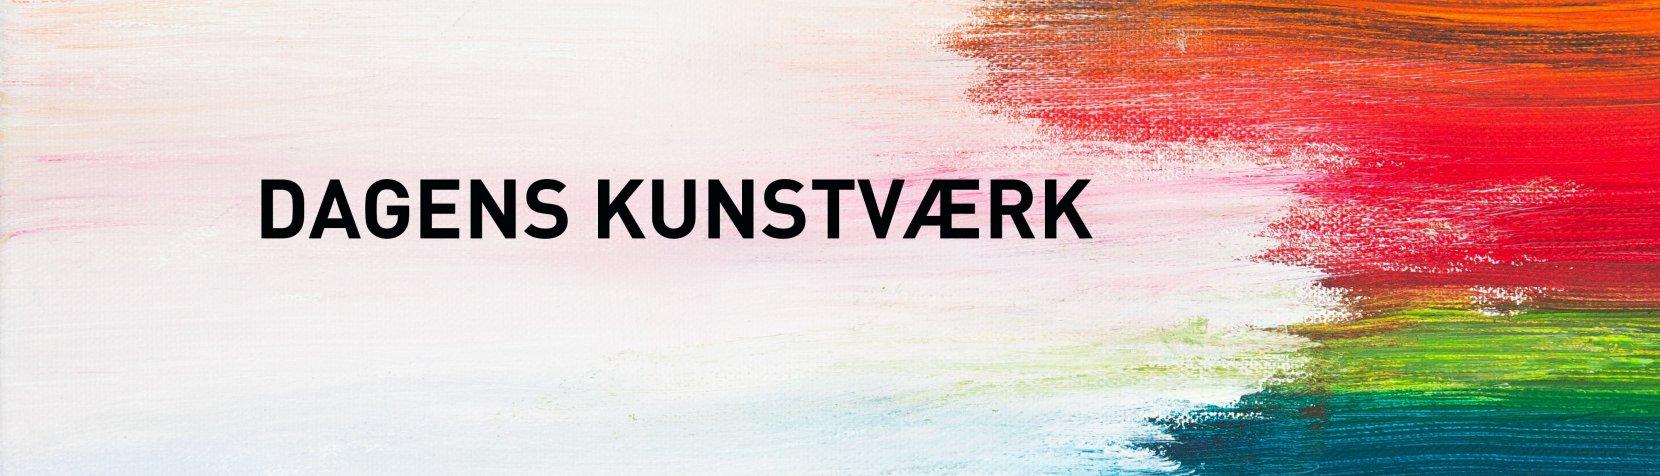 Dagens kunstværk banner